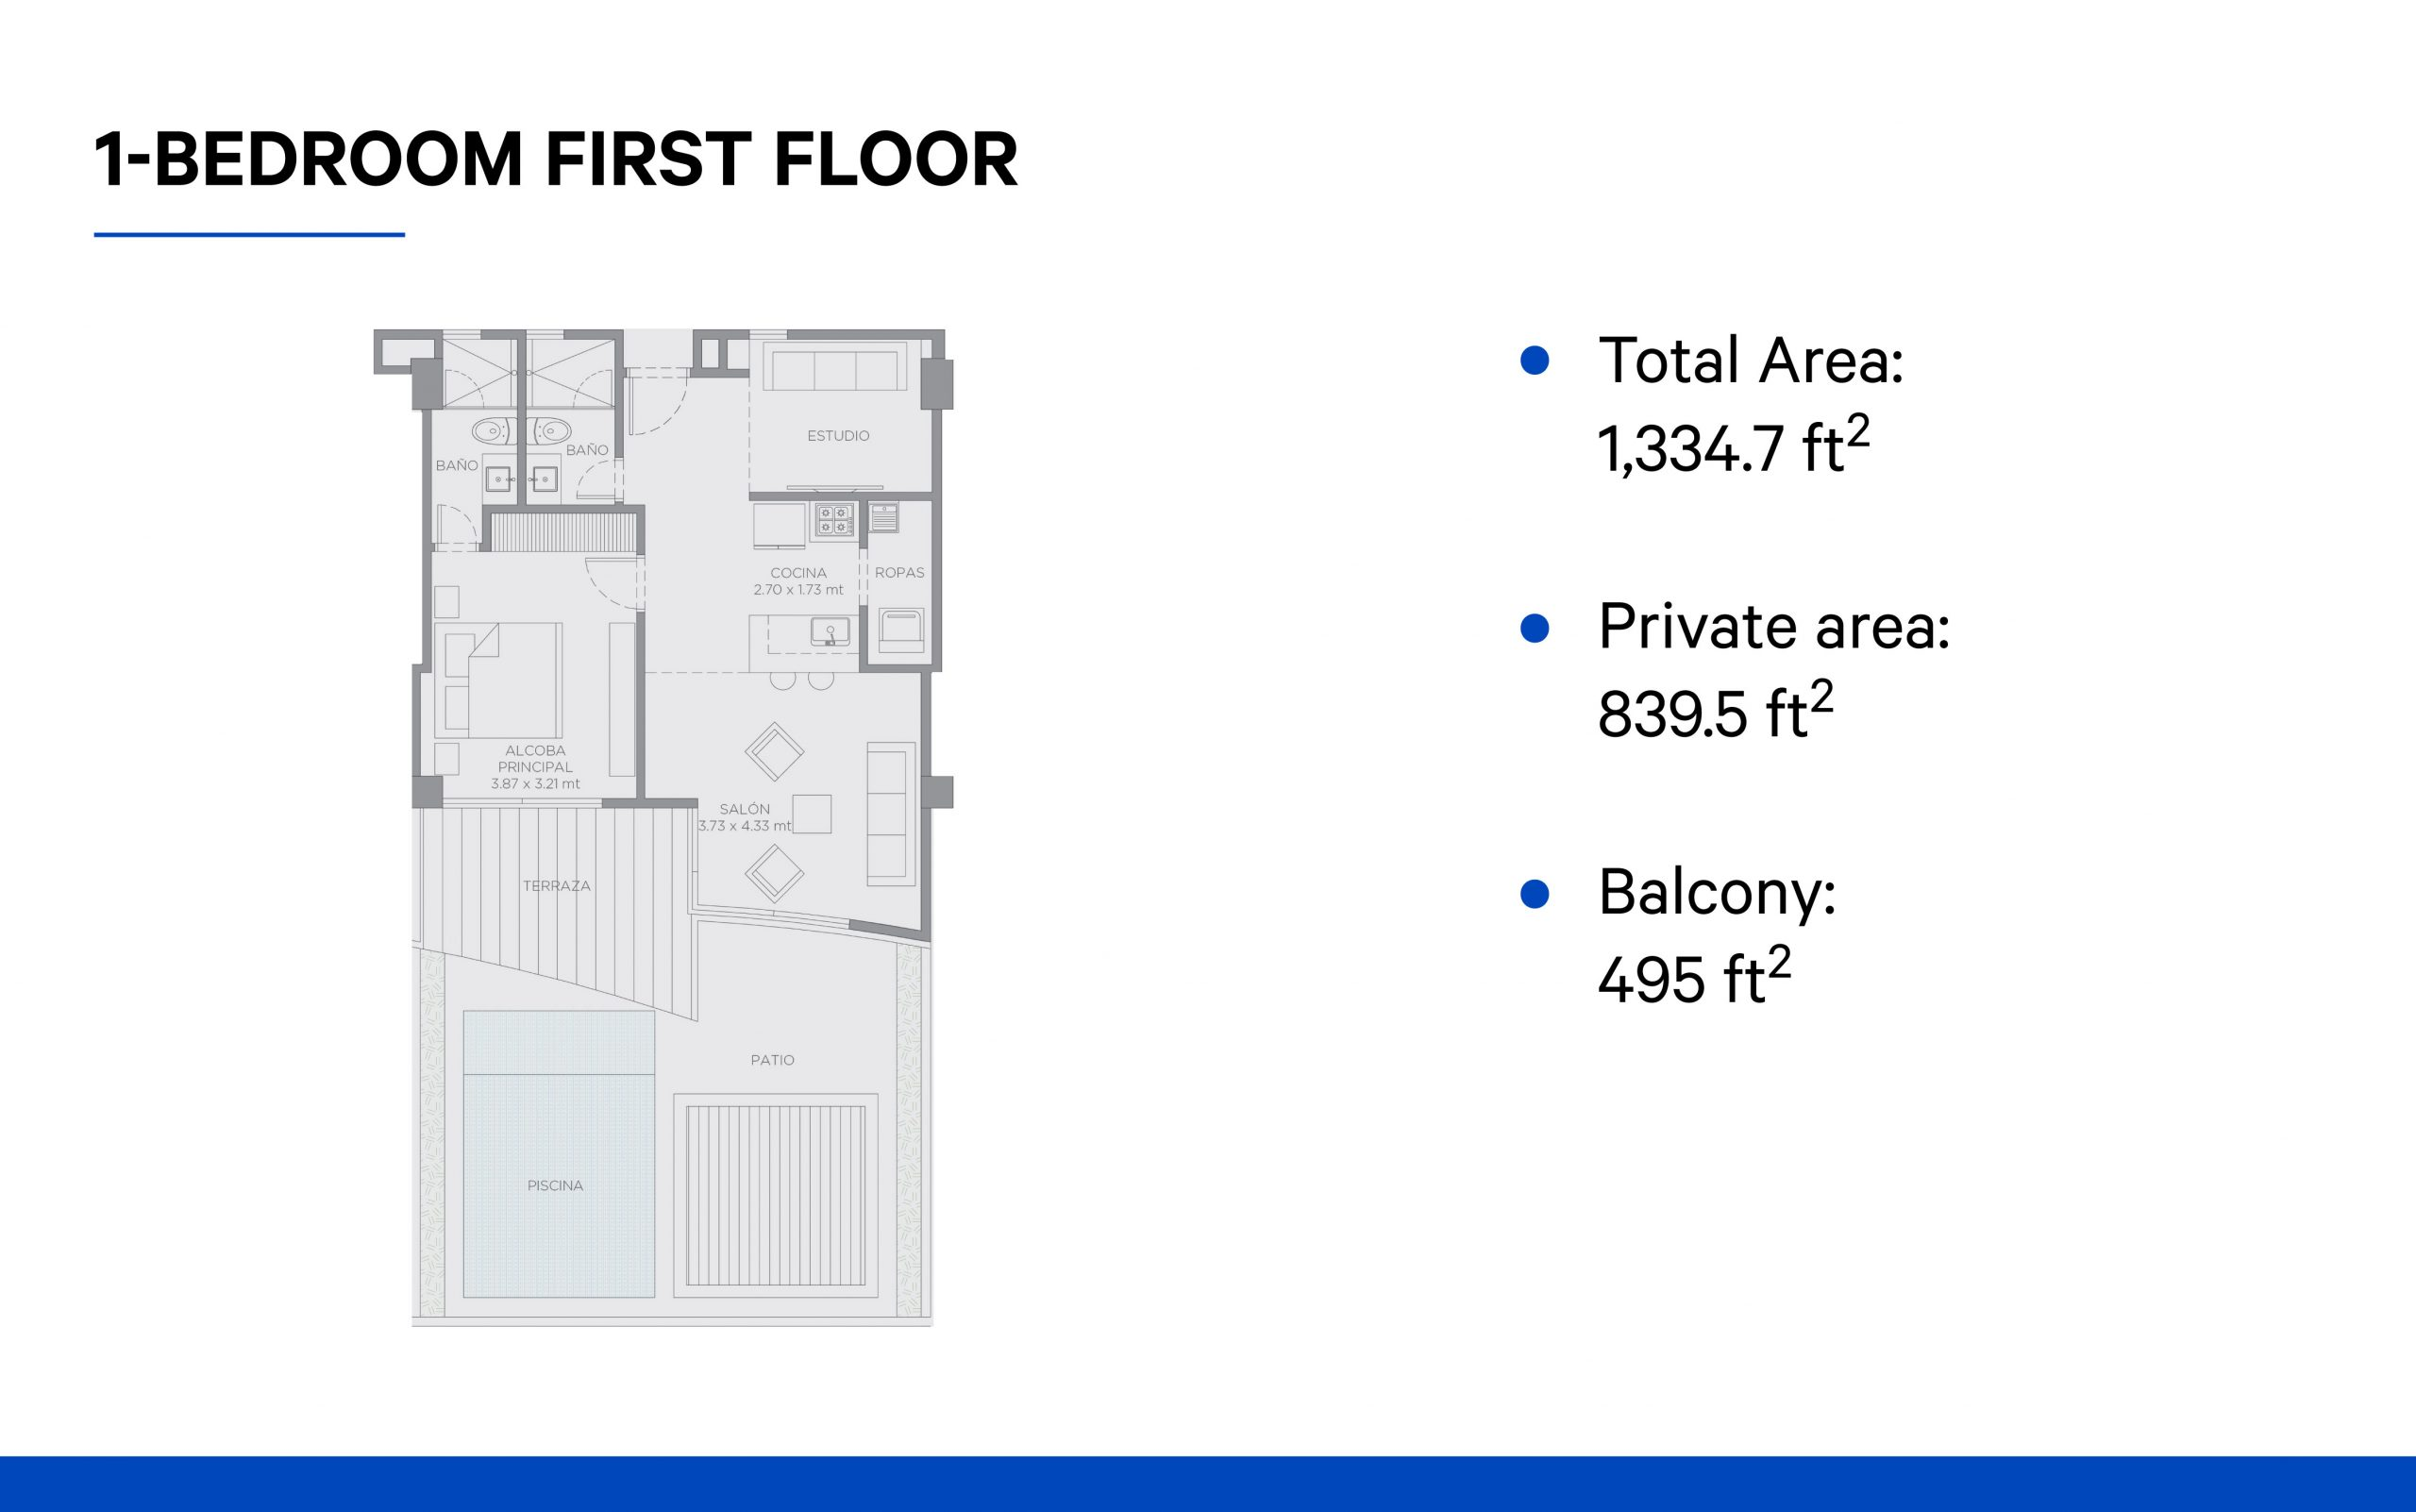 1-bedroom (first floor)